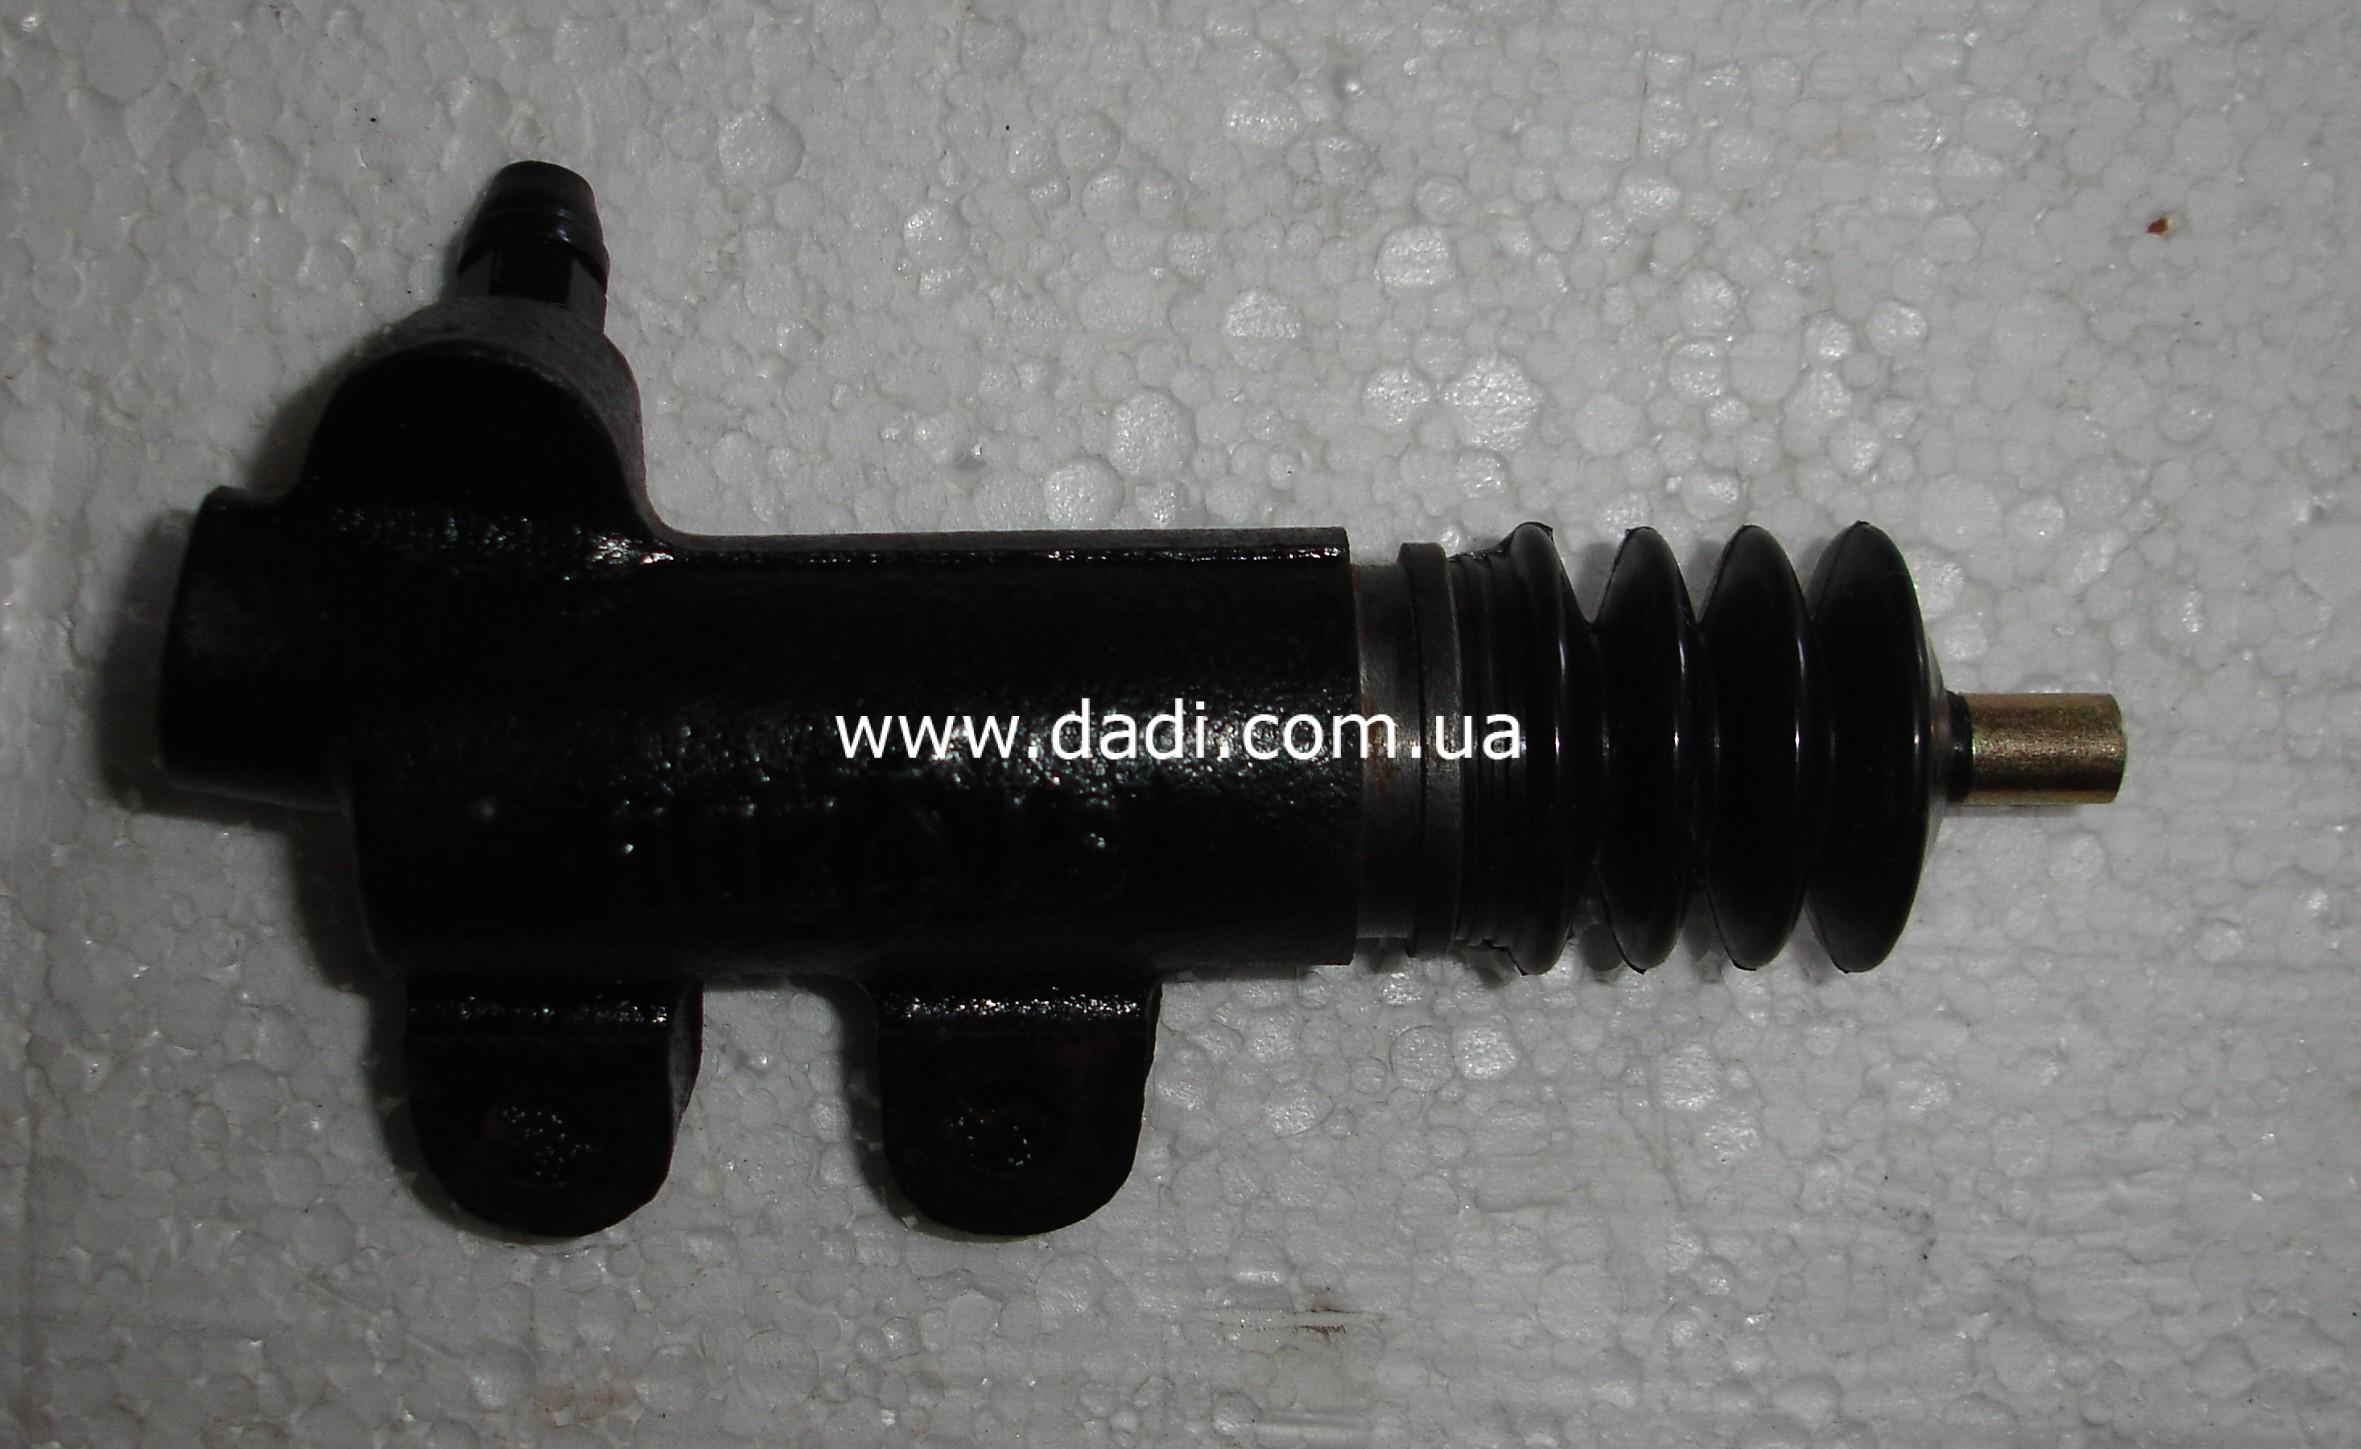 Циліндр зчеплення робочий 2,2i(491Q) / рабочий цилиндр сцепления-1084